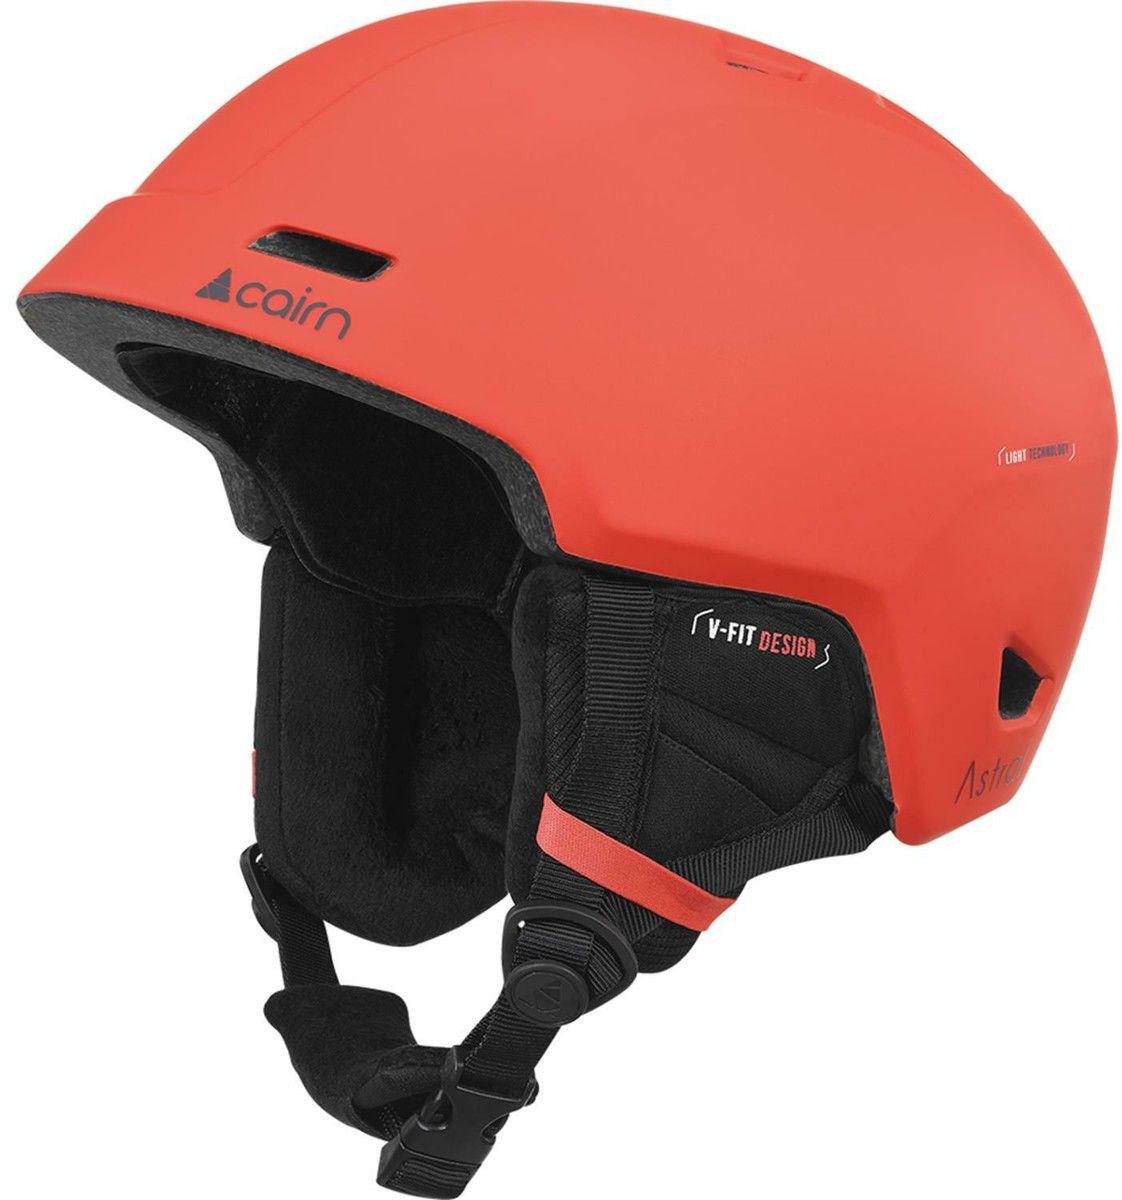 CAIRN kask zimowy narciarski/snowboardowy ASTRAL czerwony Rozmiar: 59-60,060614087